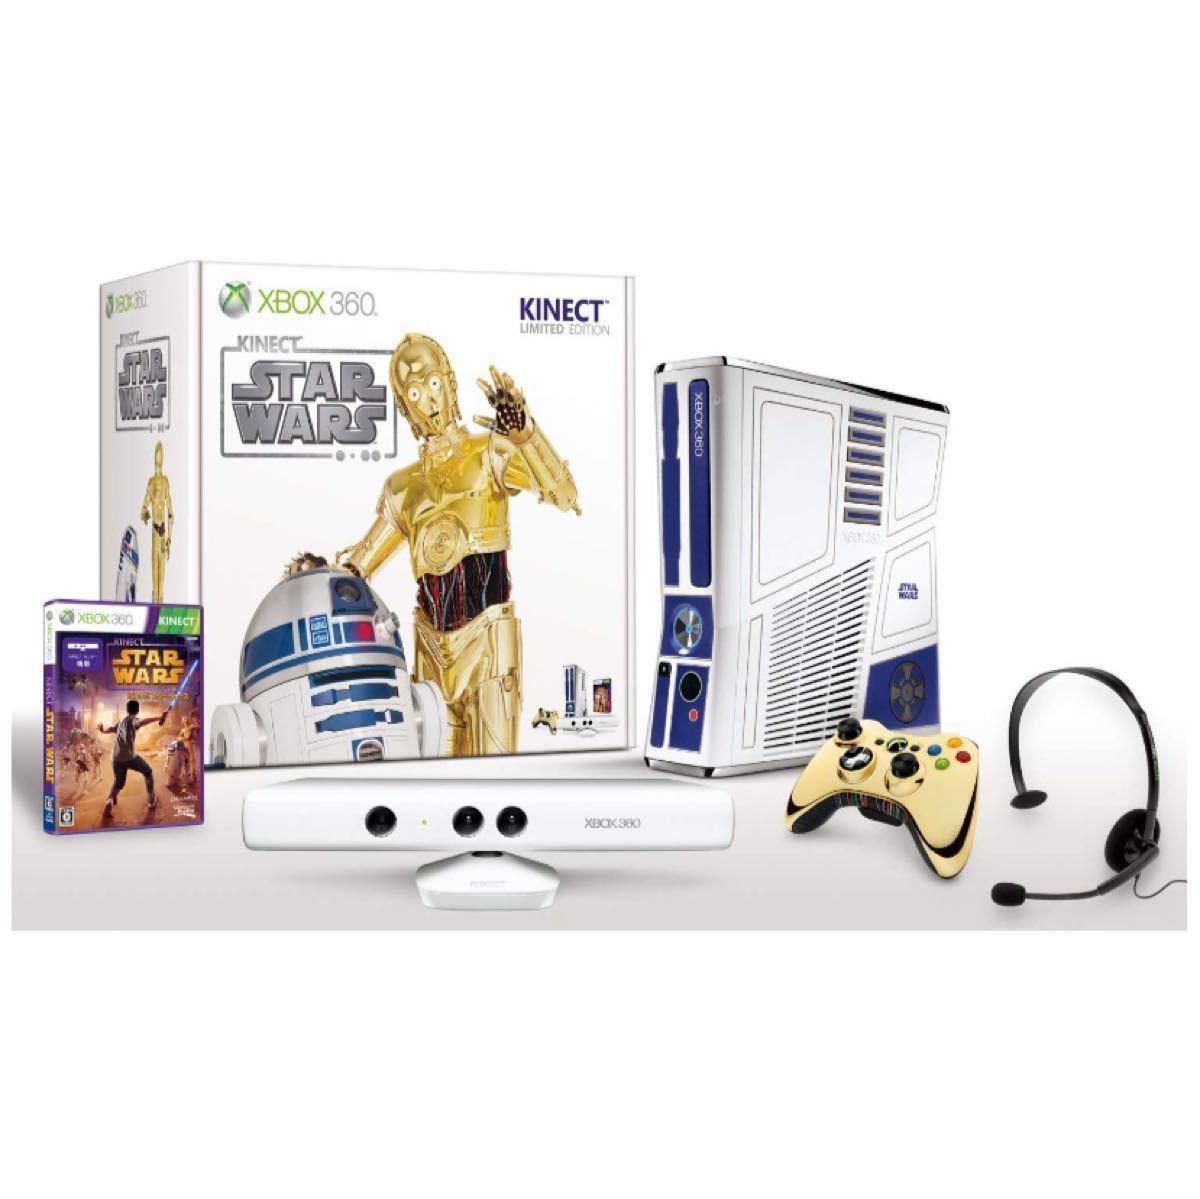 Xbox 360Kinect スター・ウォーズ リミテッド エディション